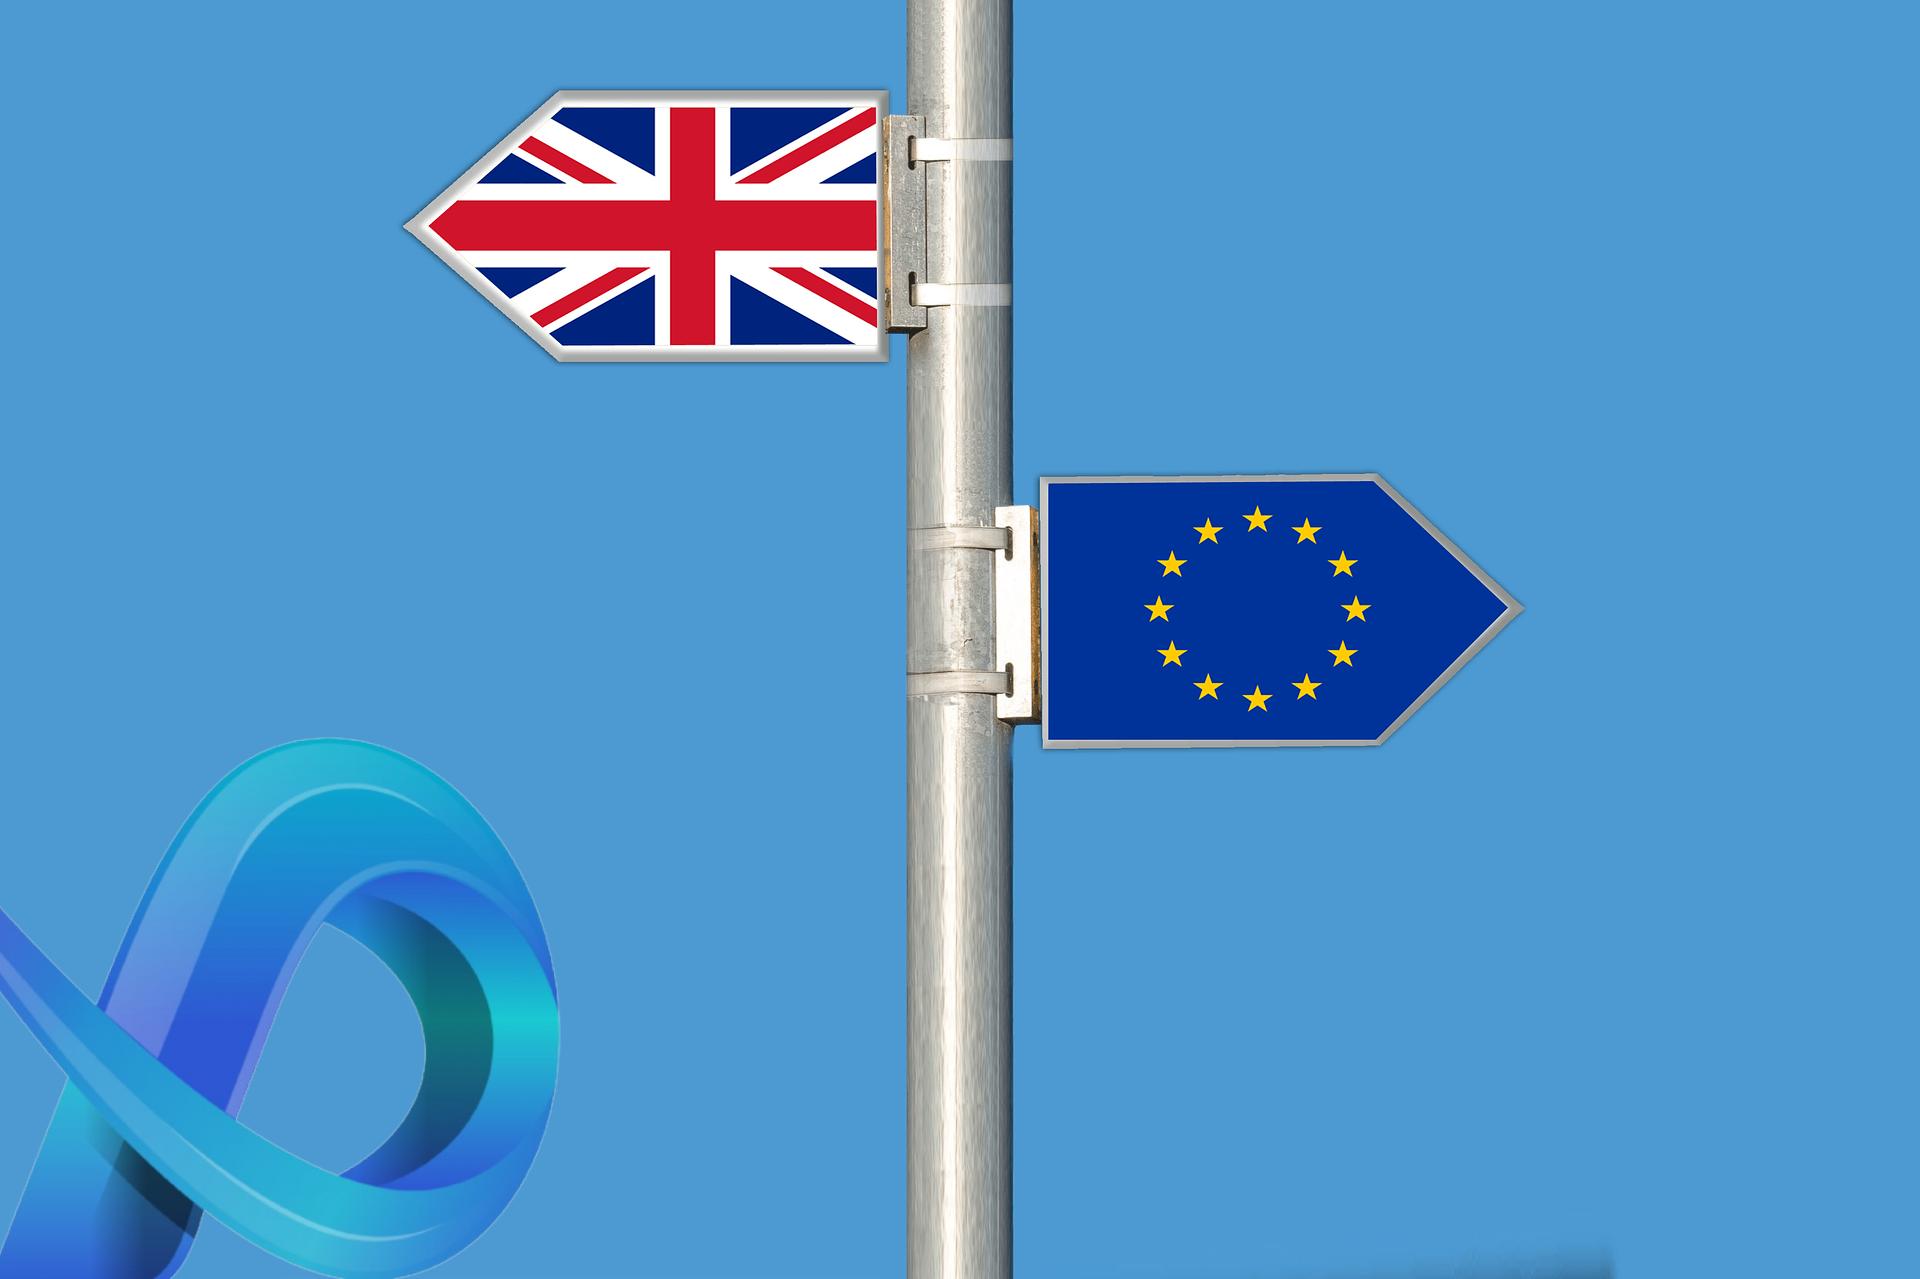 Brexit : où en sommes-nous dans le processus de sortie de l'UE ?